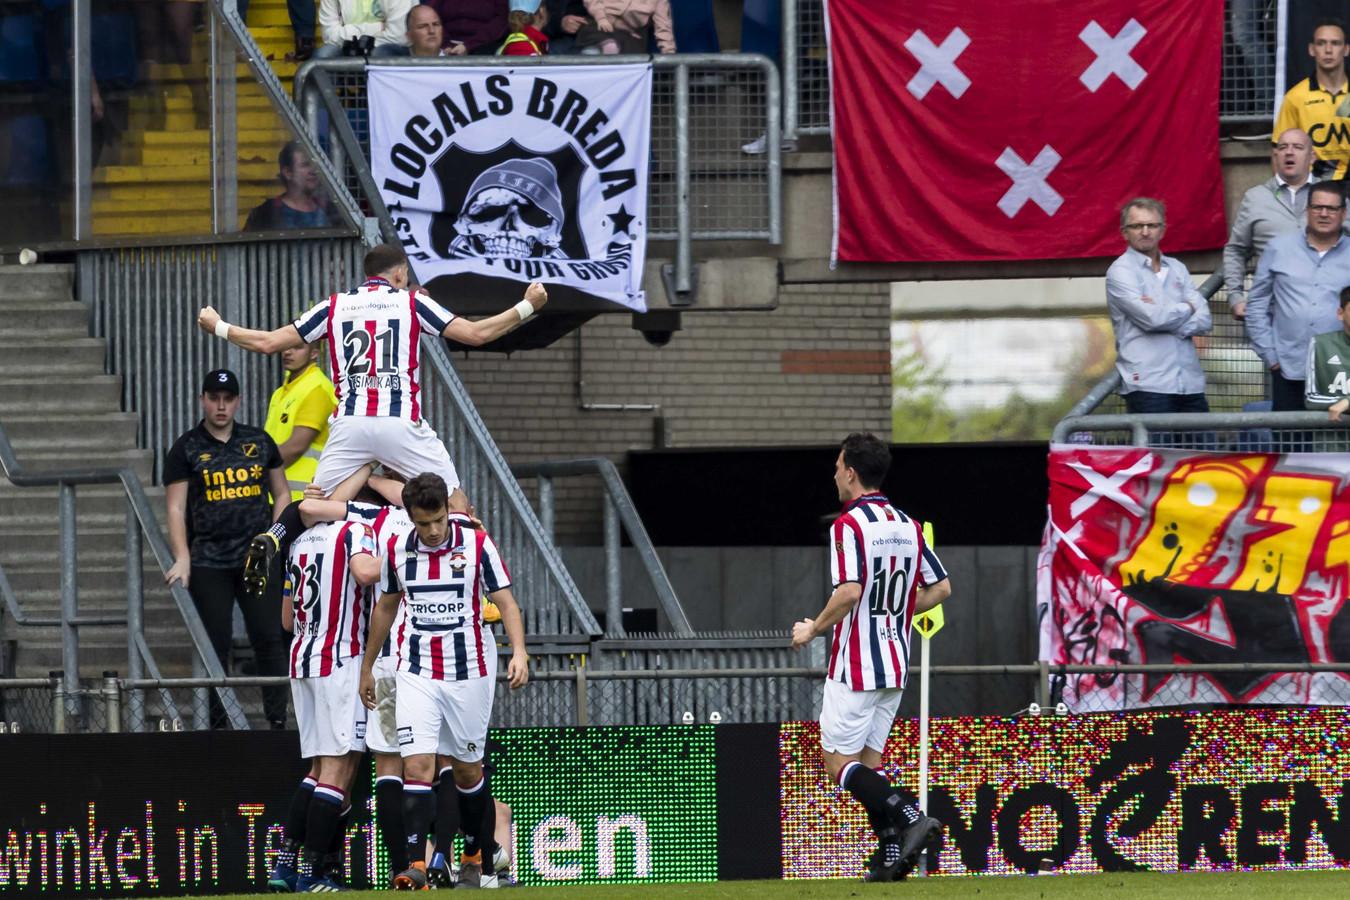 Ben Rienstra gaat op de schouders bij medespelers nadat hij Willem II in Breda op een 1-2 voorsprong heeft gezet tegen NAC.